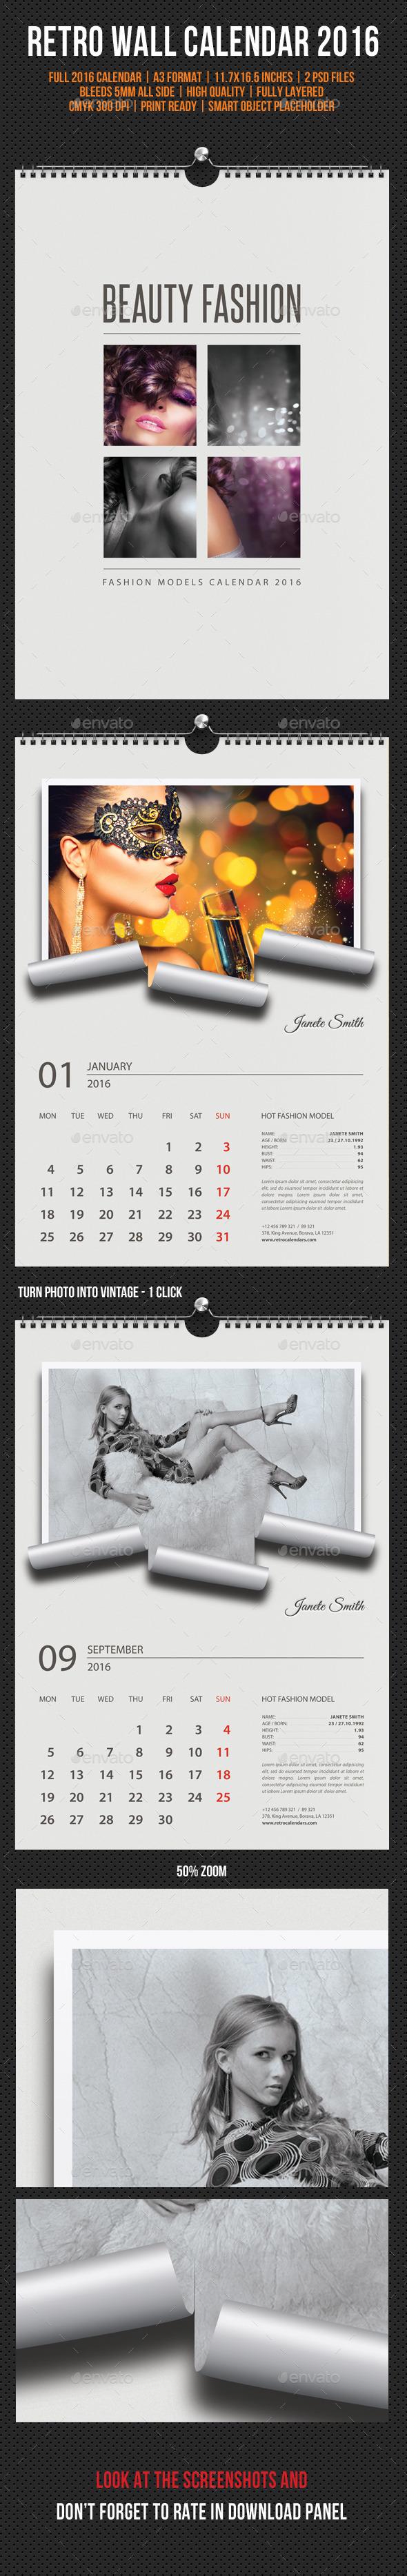 GraphicRiver - Wall Calendar 2016 Retro Photo V02 11827782